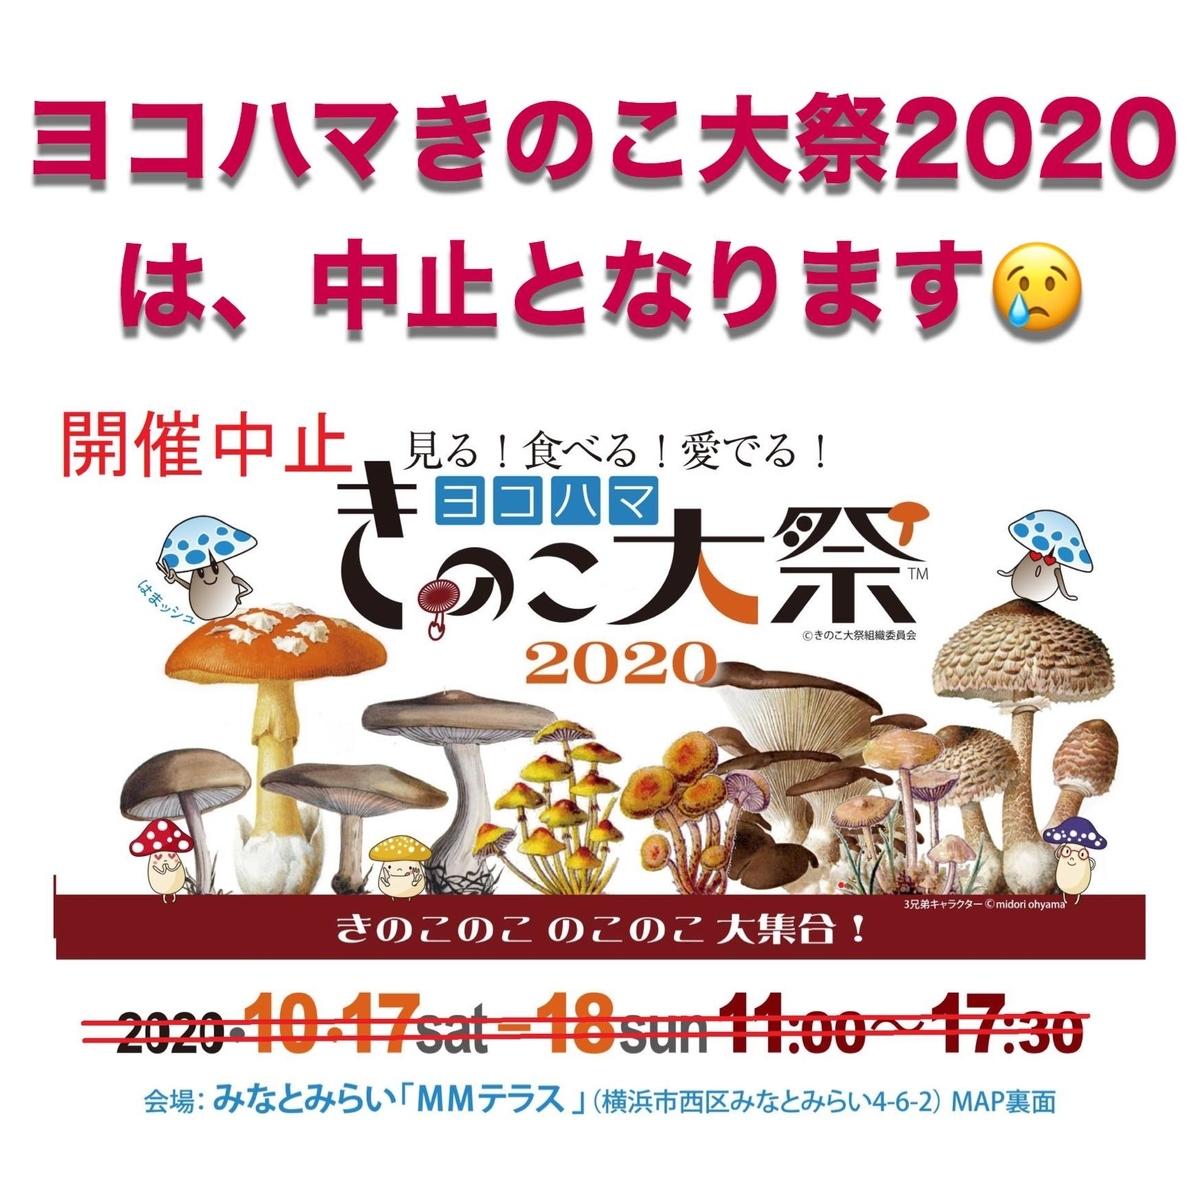 ヨコハマきのこ大祭2020 中止のお知らせ